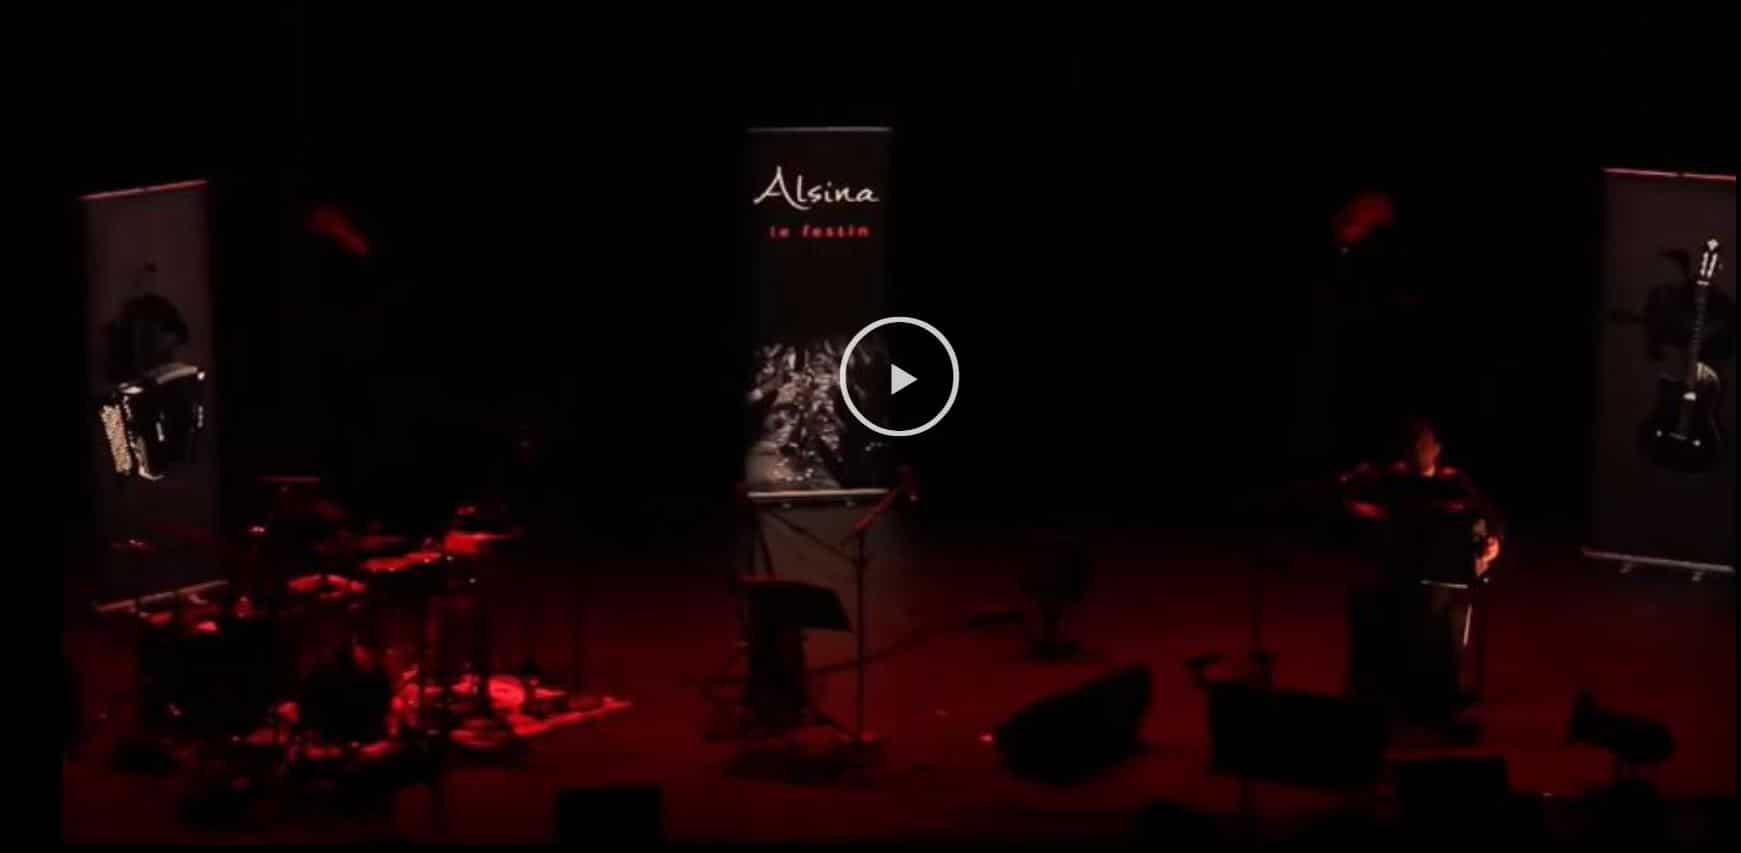 Création site internet pour artiste à Toulouse Haute Garonne 31000 Occitanie Midi pyrénées muret blagnac montauban portet sur garonne albi